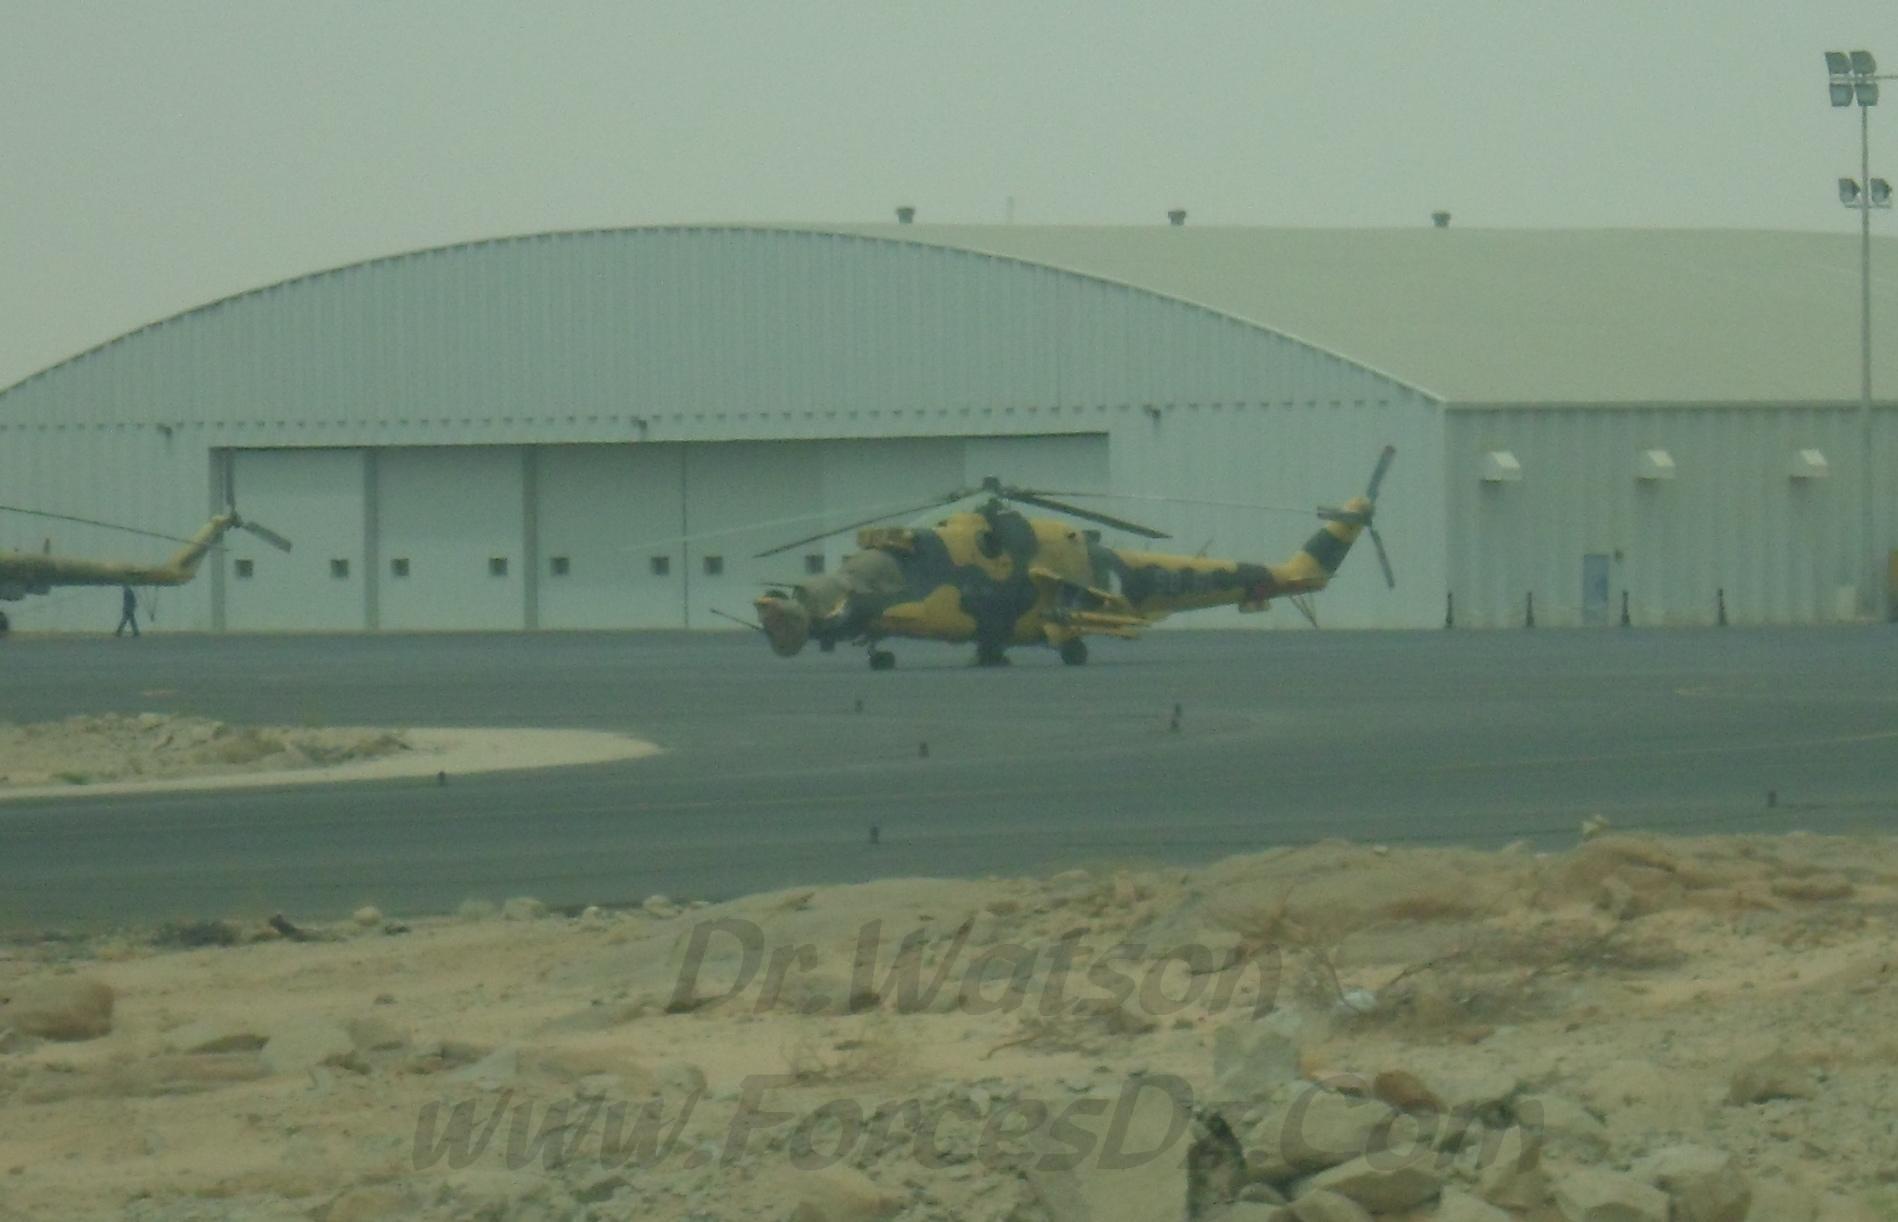 صور مروحيات Mi-24MKIII SuperHind الجزائرية Sam_3415